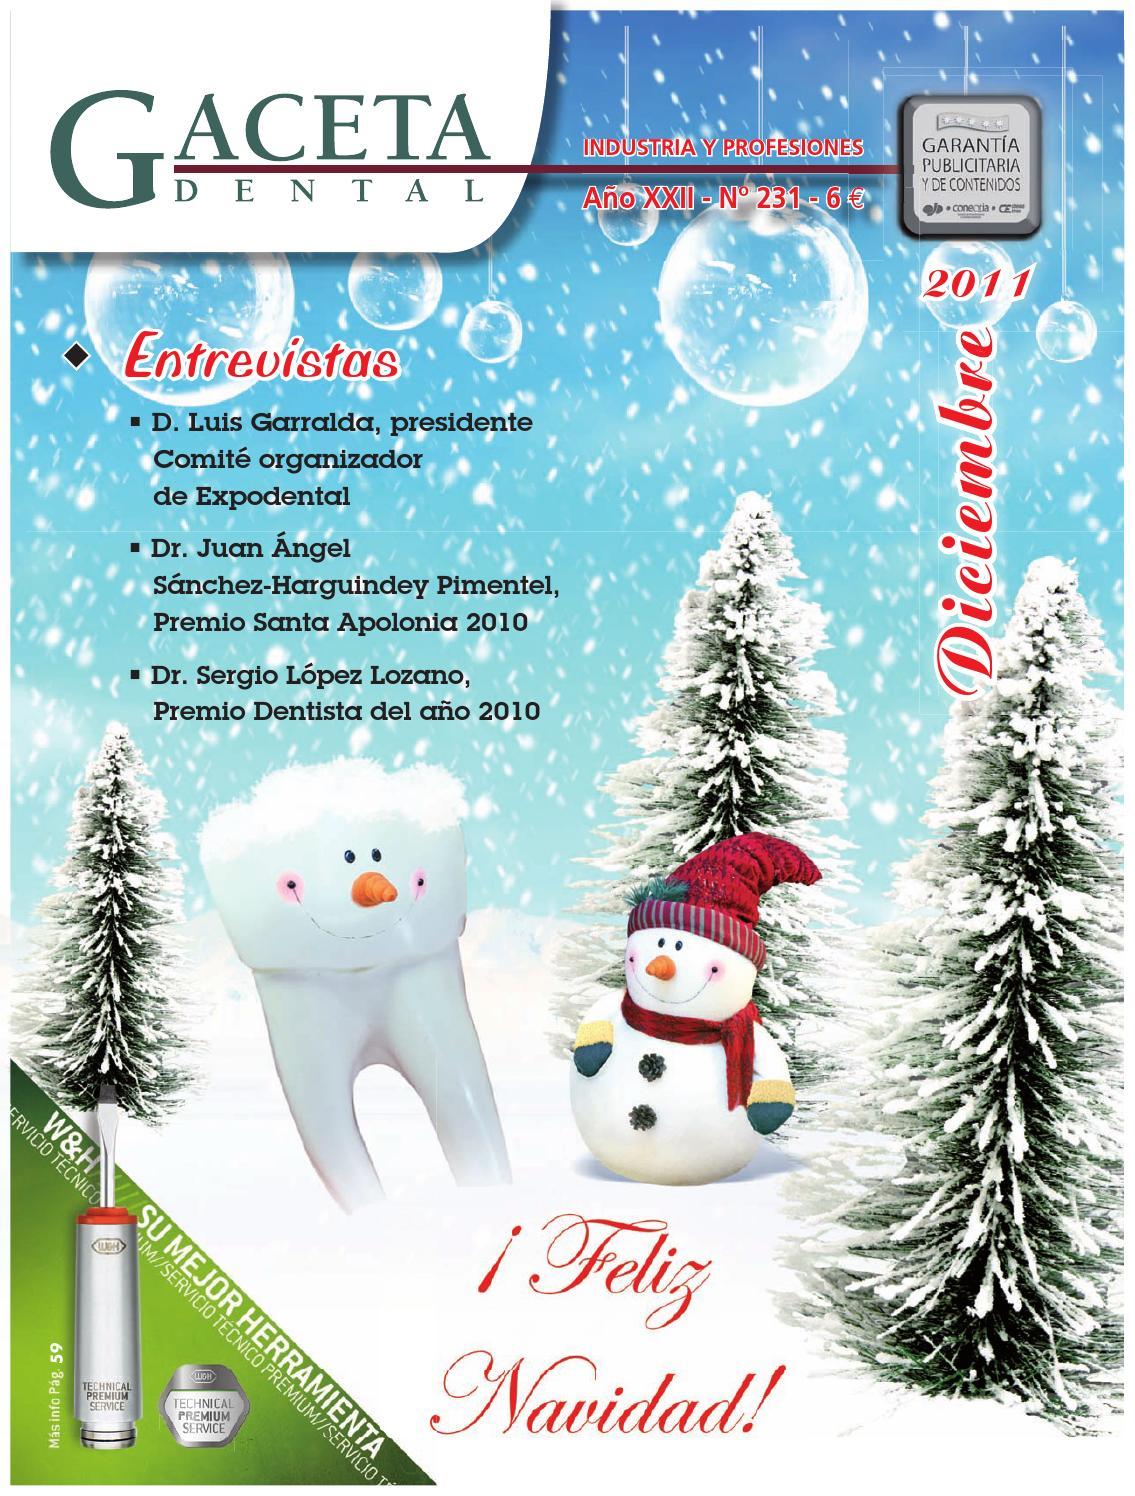 Nuevo Árbol De Navidad tema Siembra presente Carpeta de grabación en relieve vendedor de Reino Unido